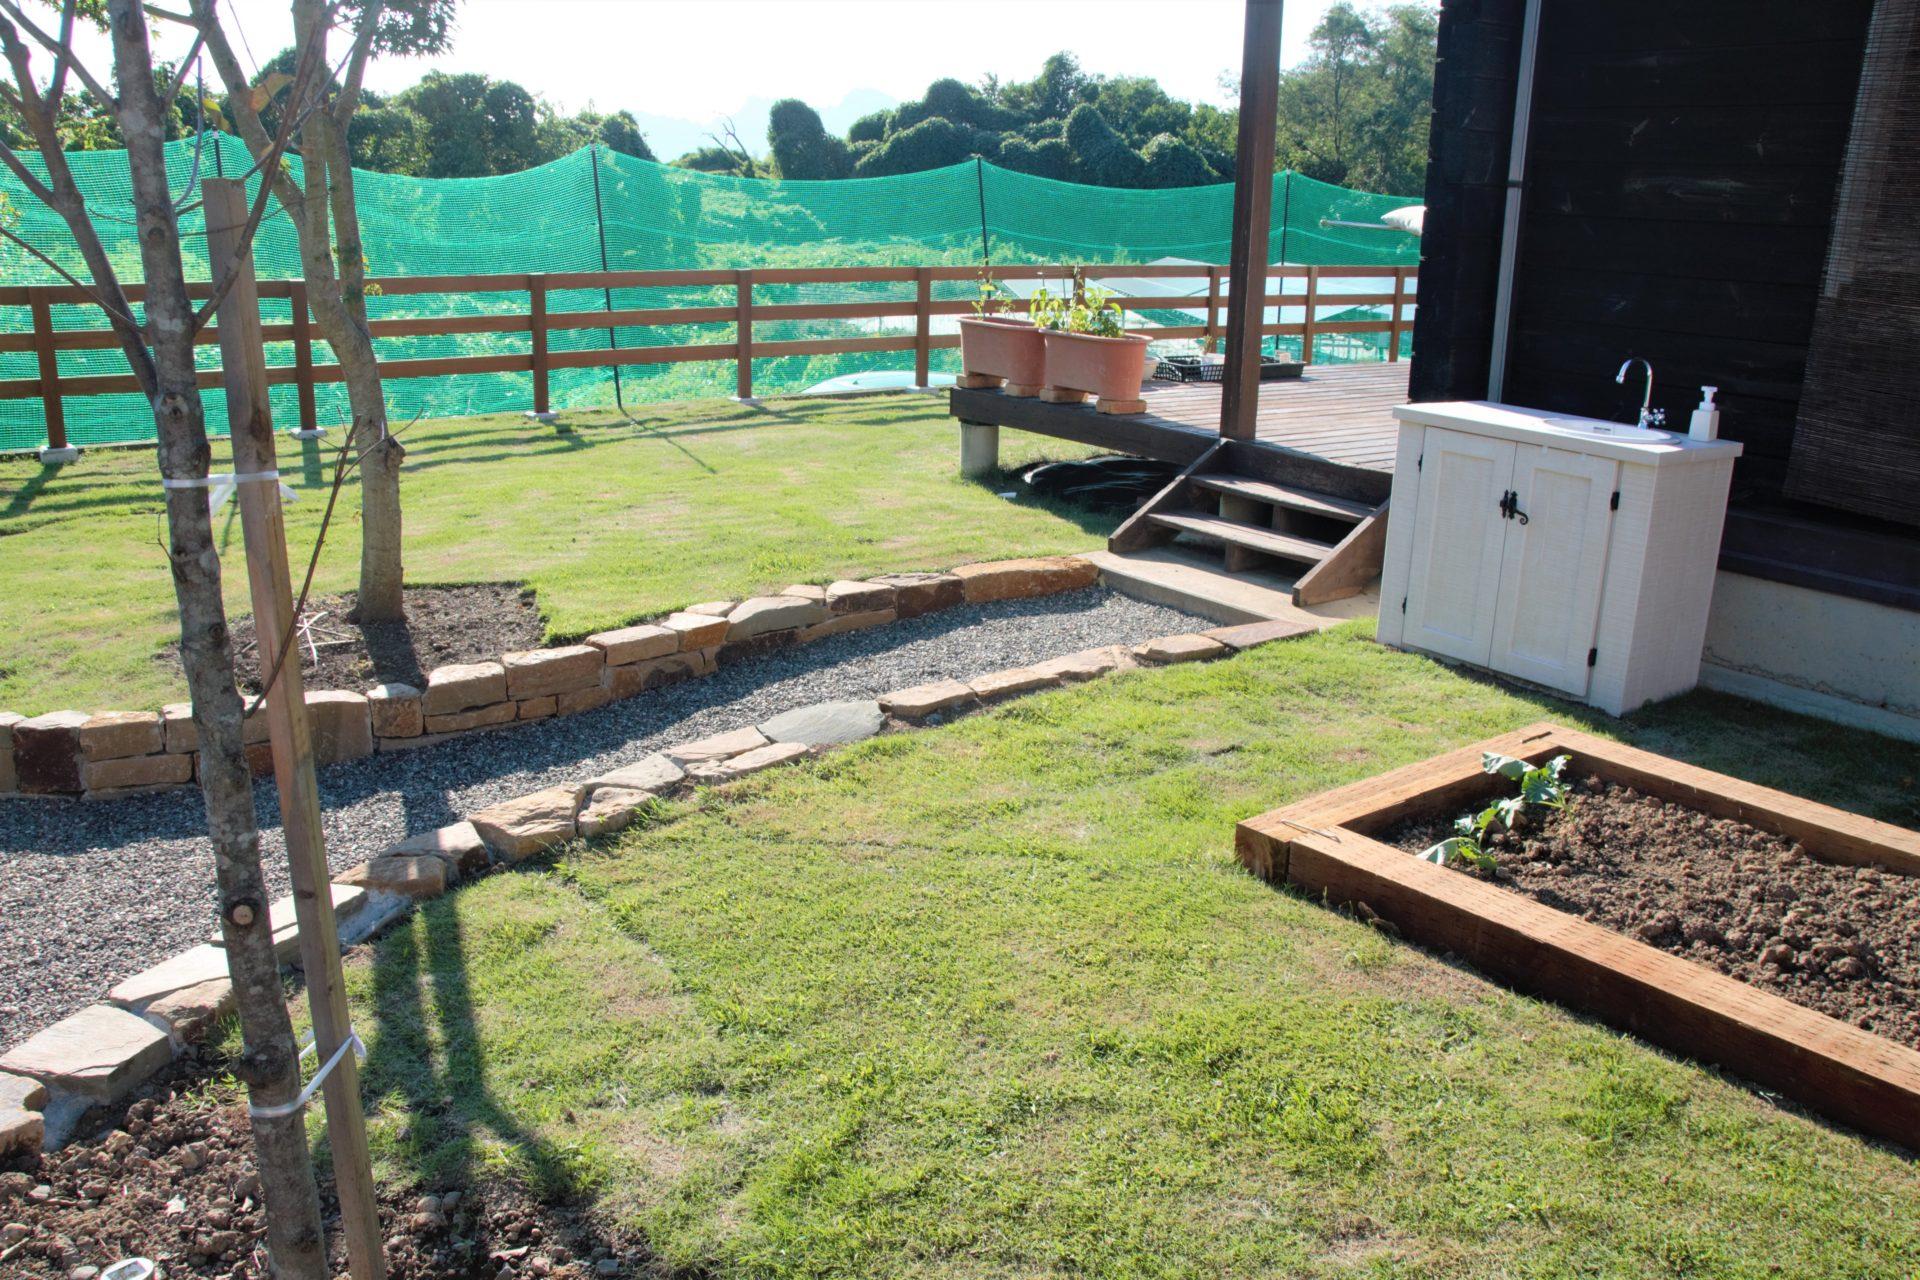 枕木で仕切られた菜園スペースとオシャレなガーデンシンク